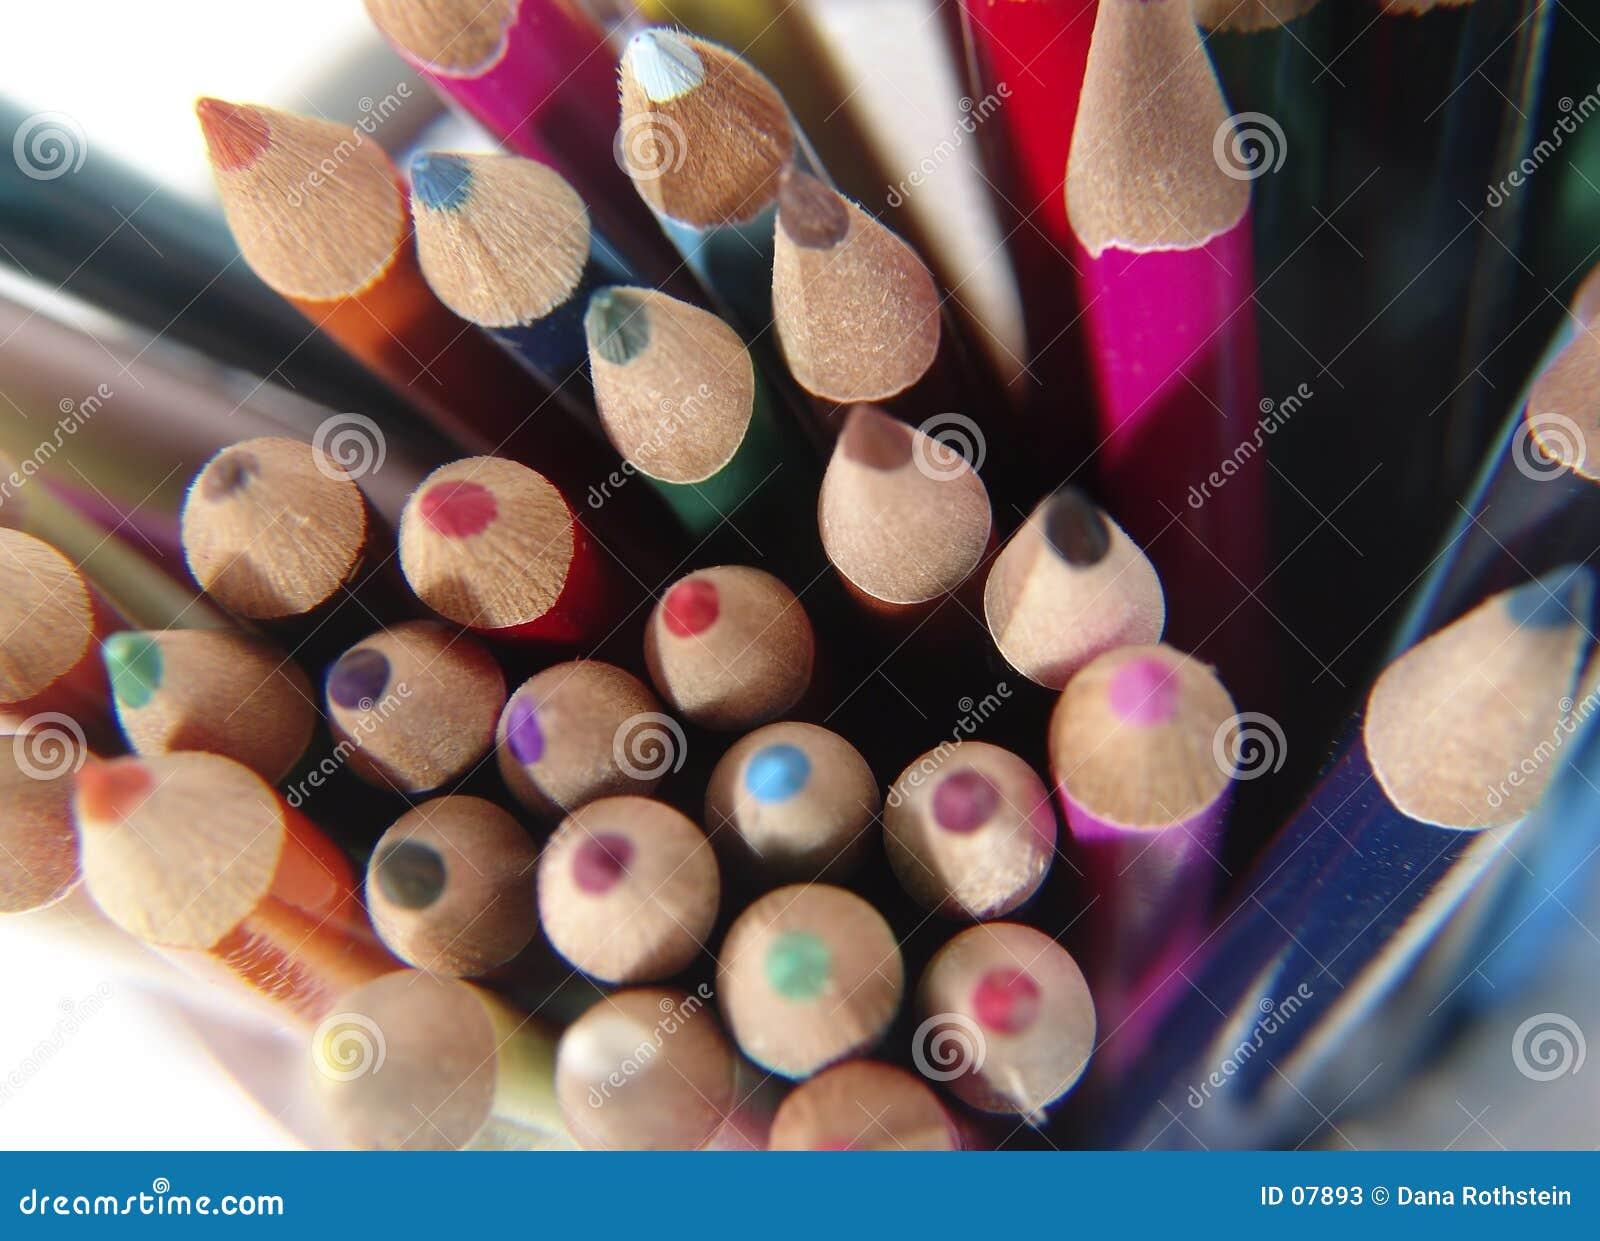 Farbige Bleistifte 6